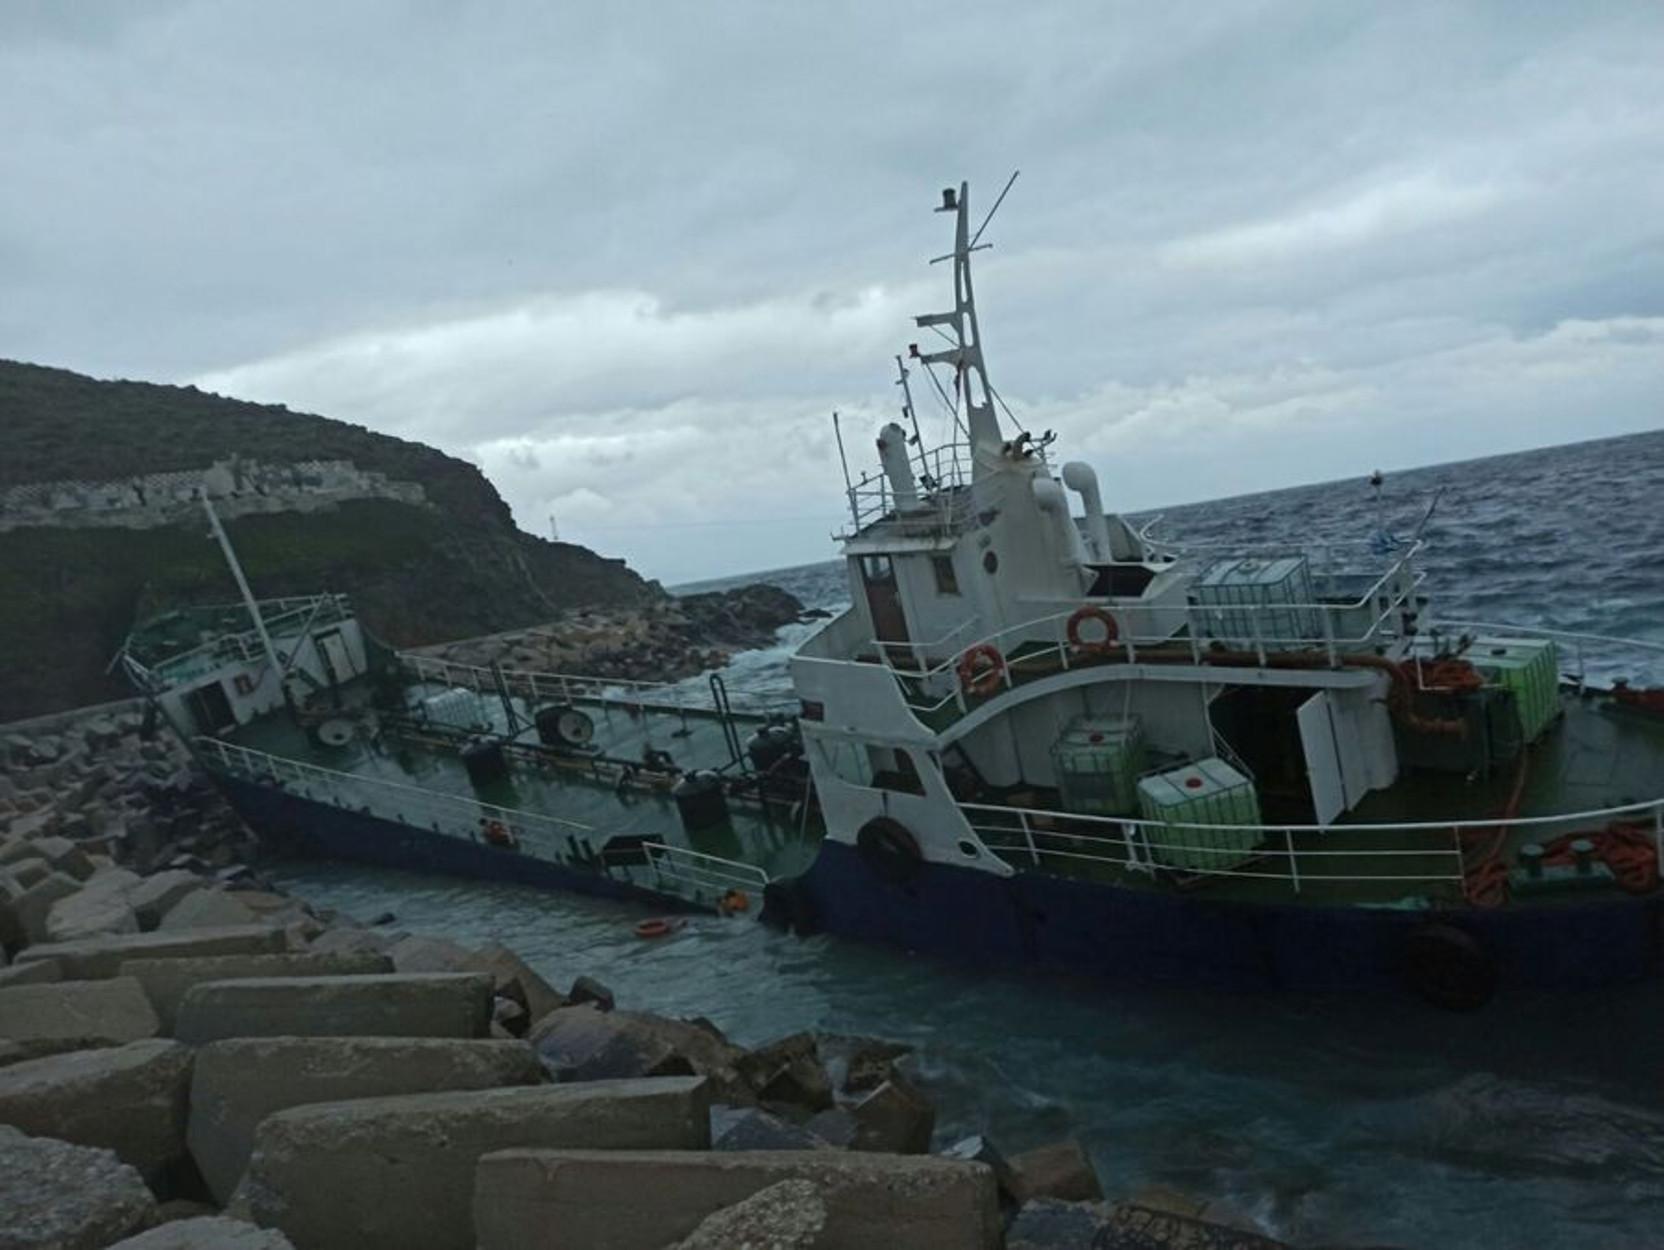 Ρυμουλκό στην Κέα για το πλοίο με τους 123 μετανάστες που προσάραξε στο νησί [pic]